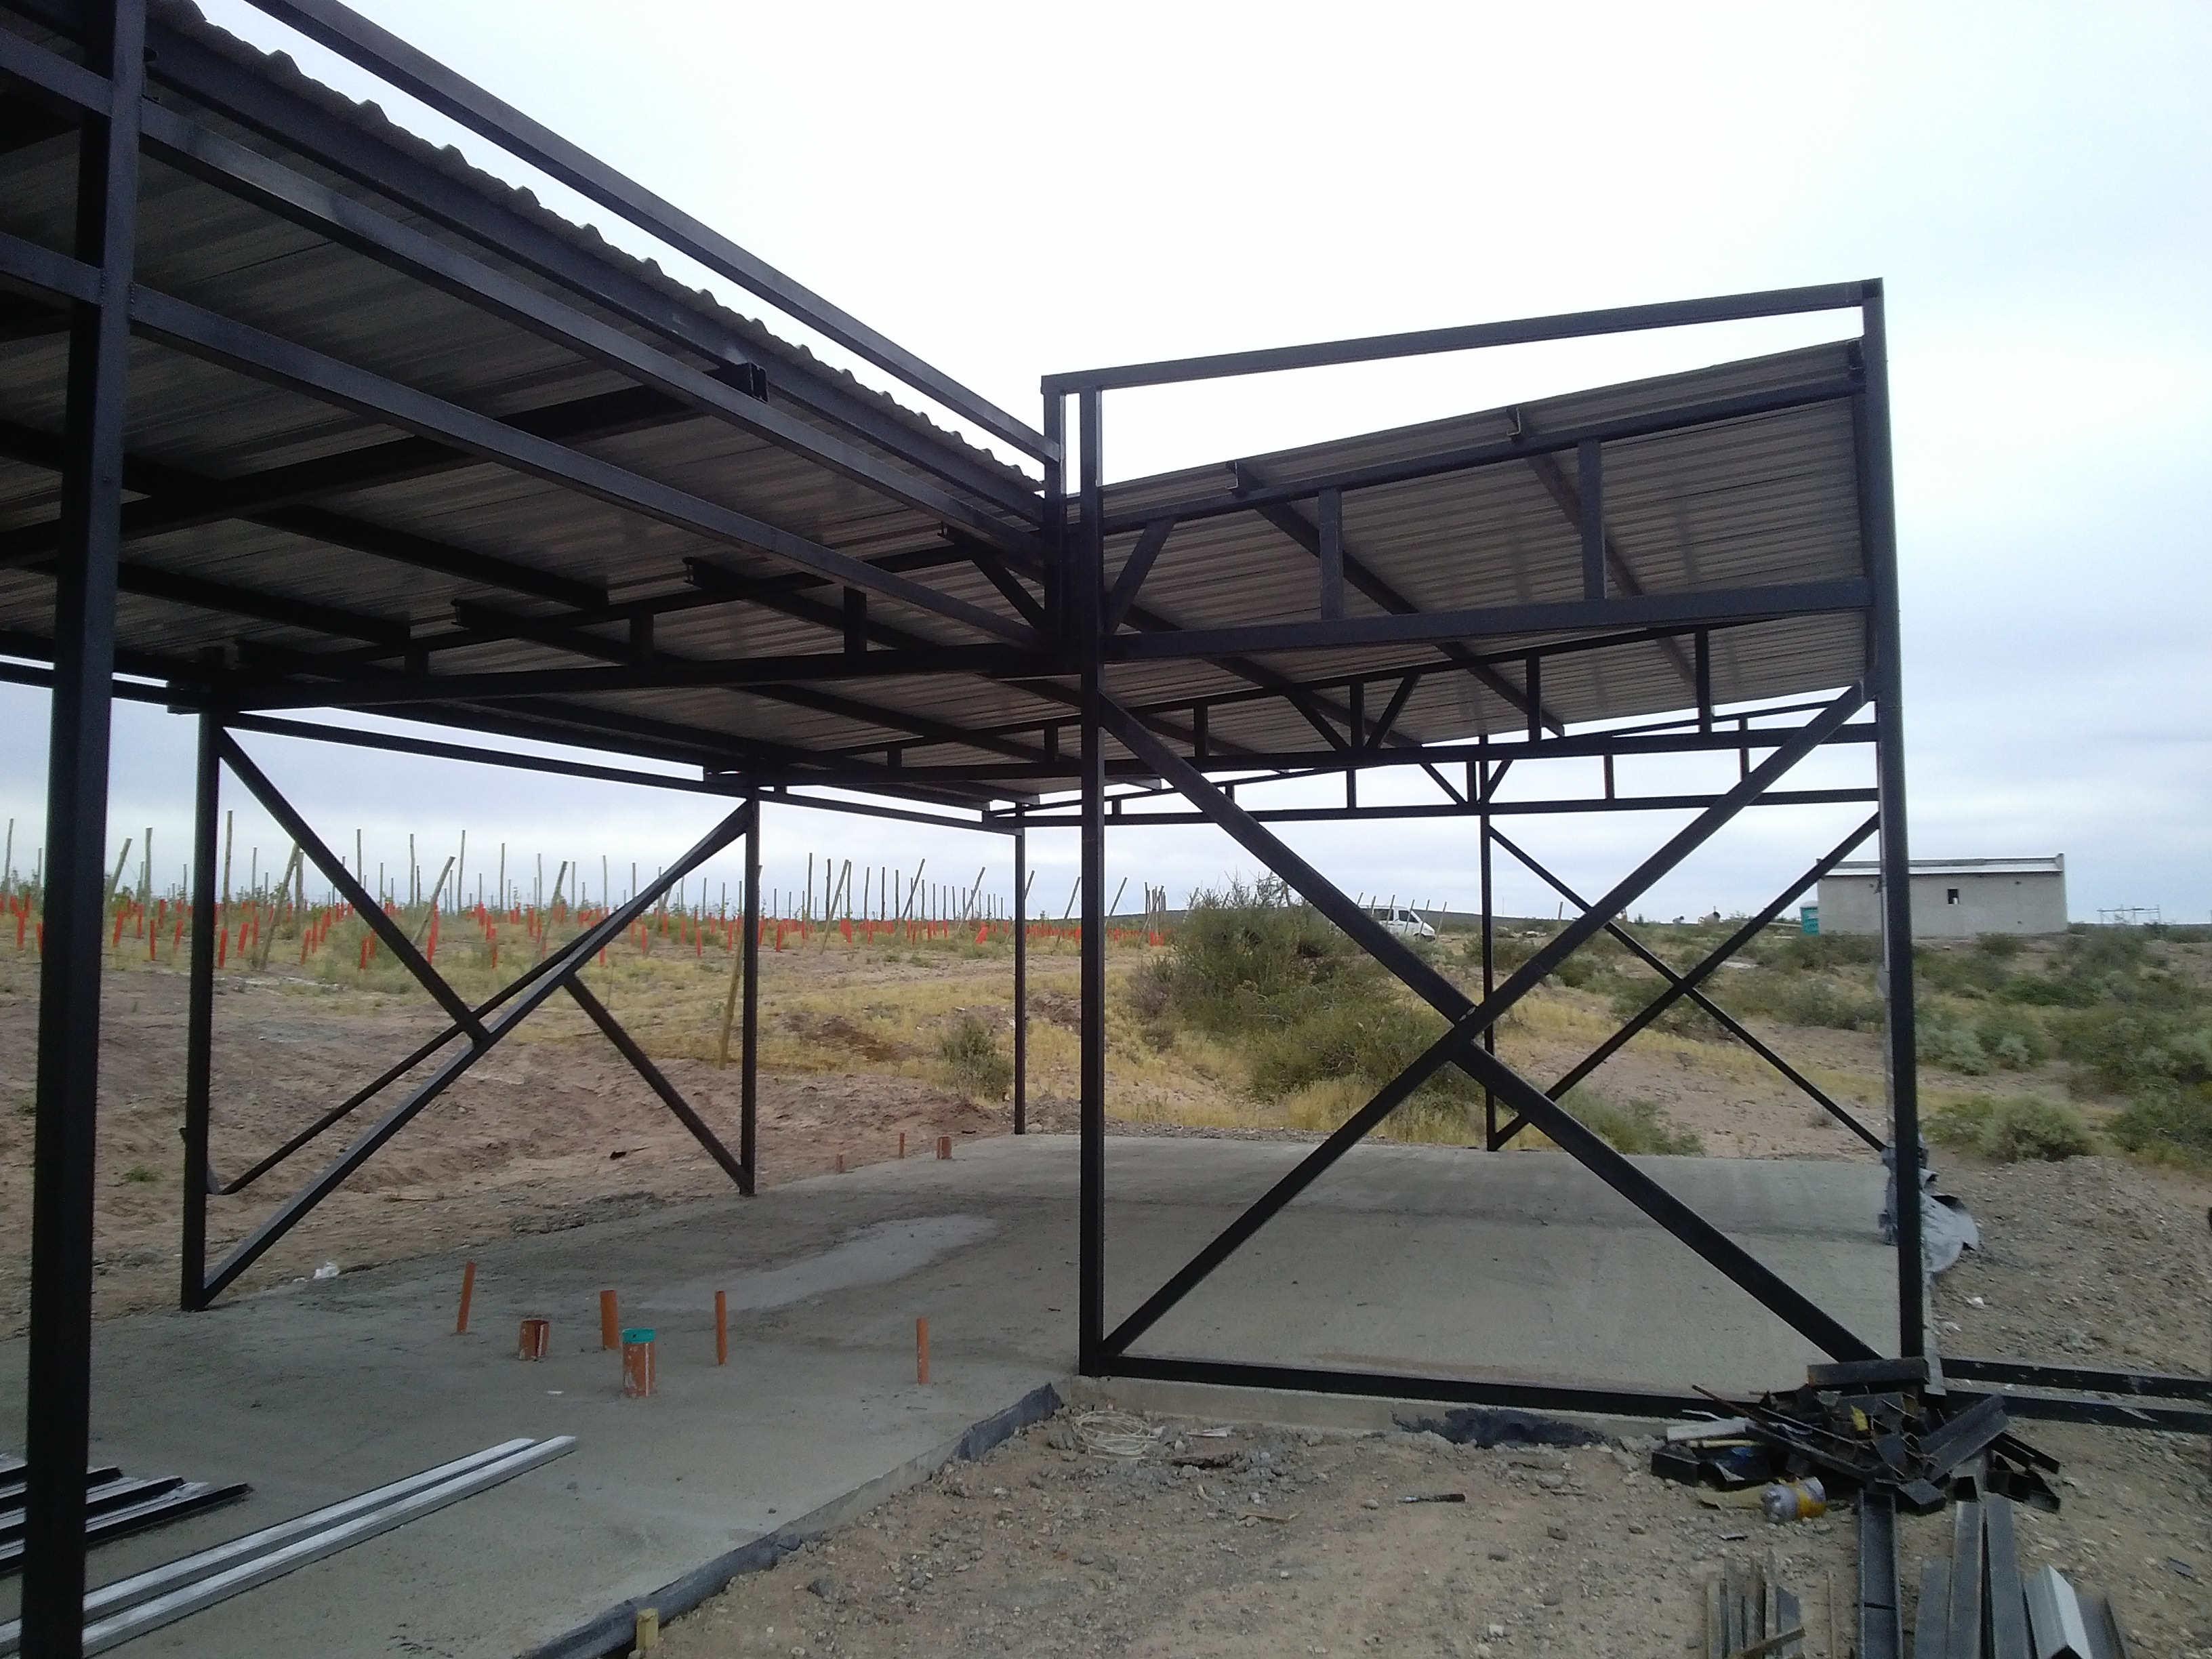 Construcci n en seco foro ver tema casas con hierro - Estructuras de acero para casas ...